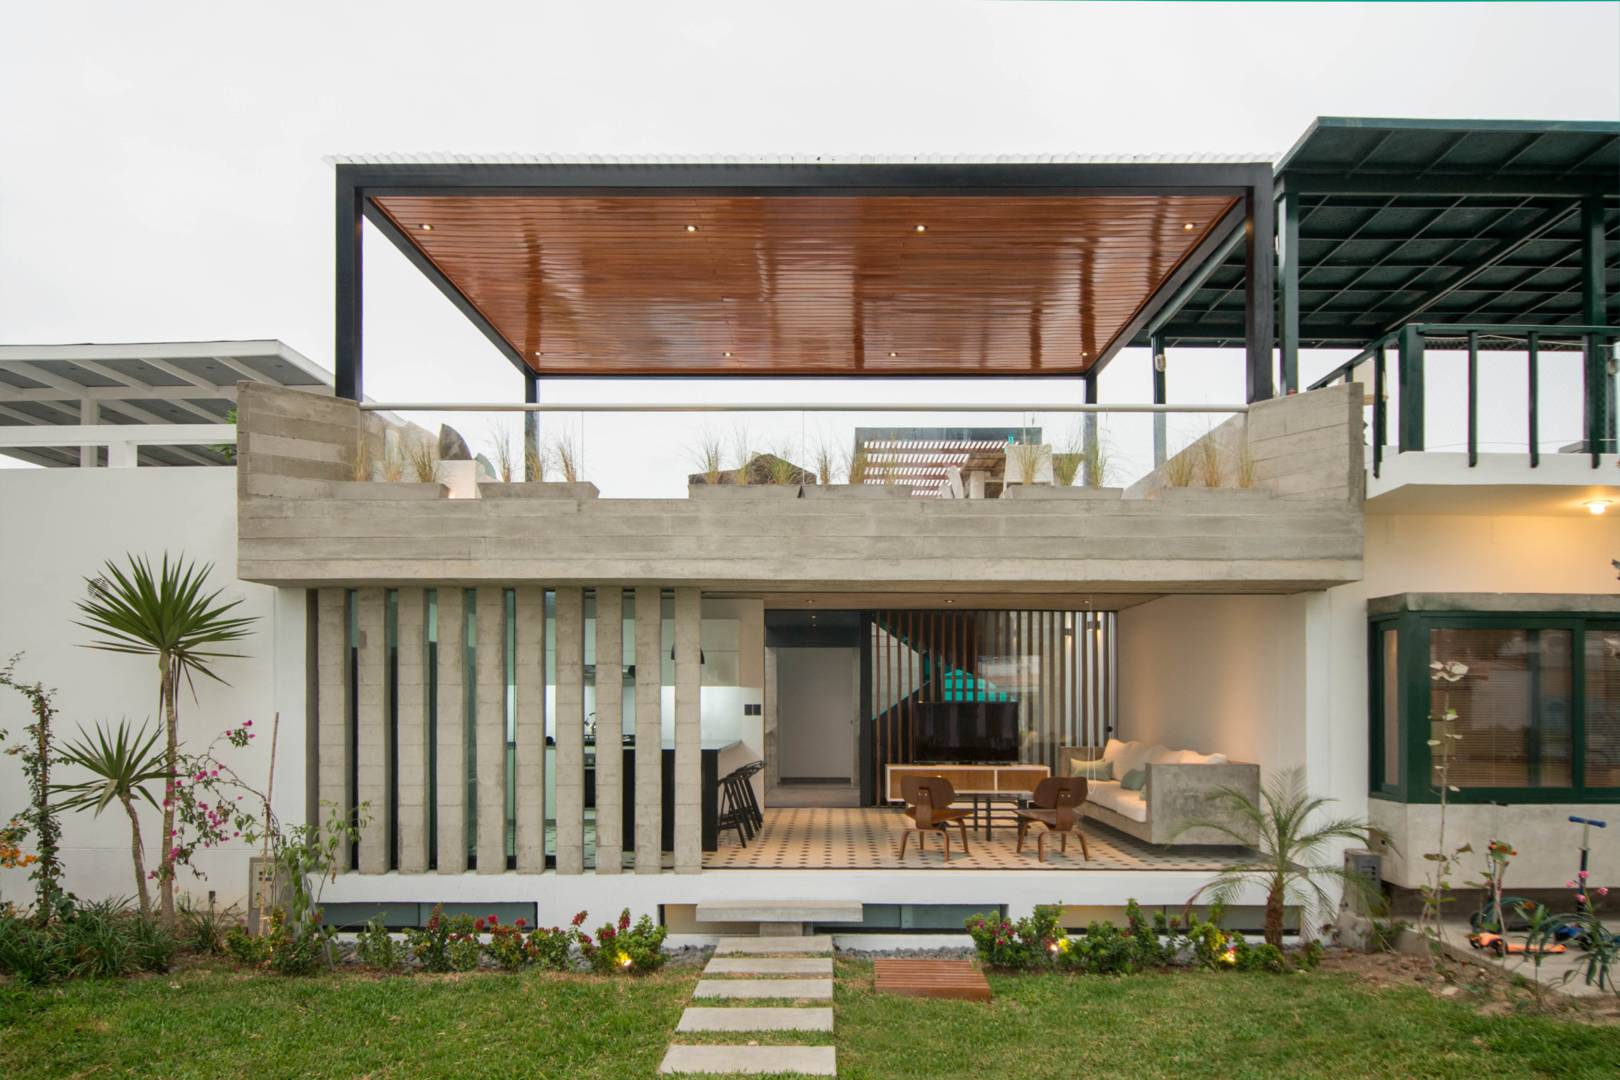 Casa S - Romo Arquitectos (23 of 94)